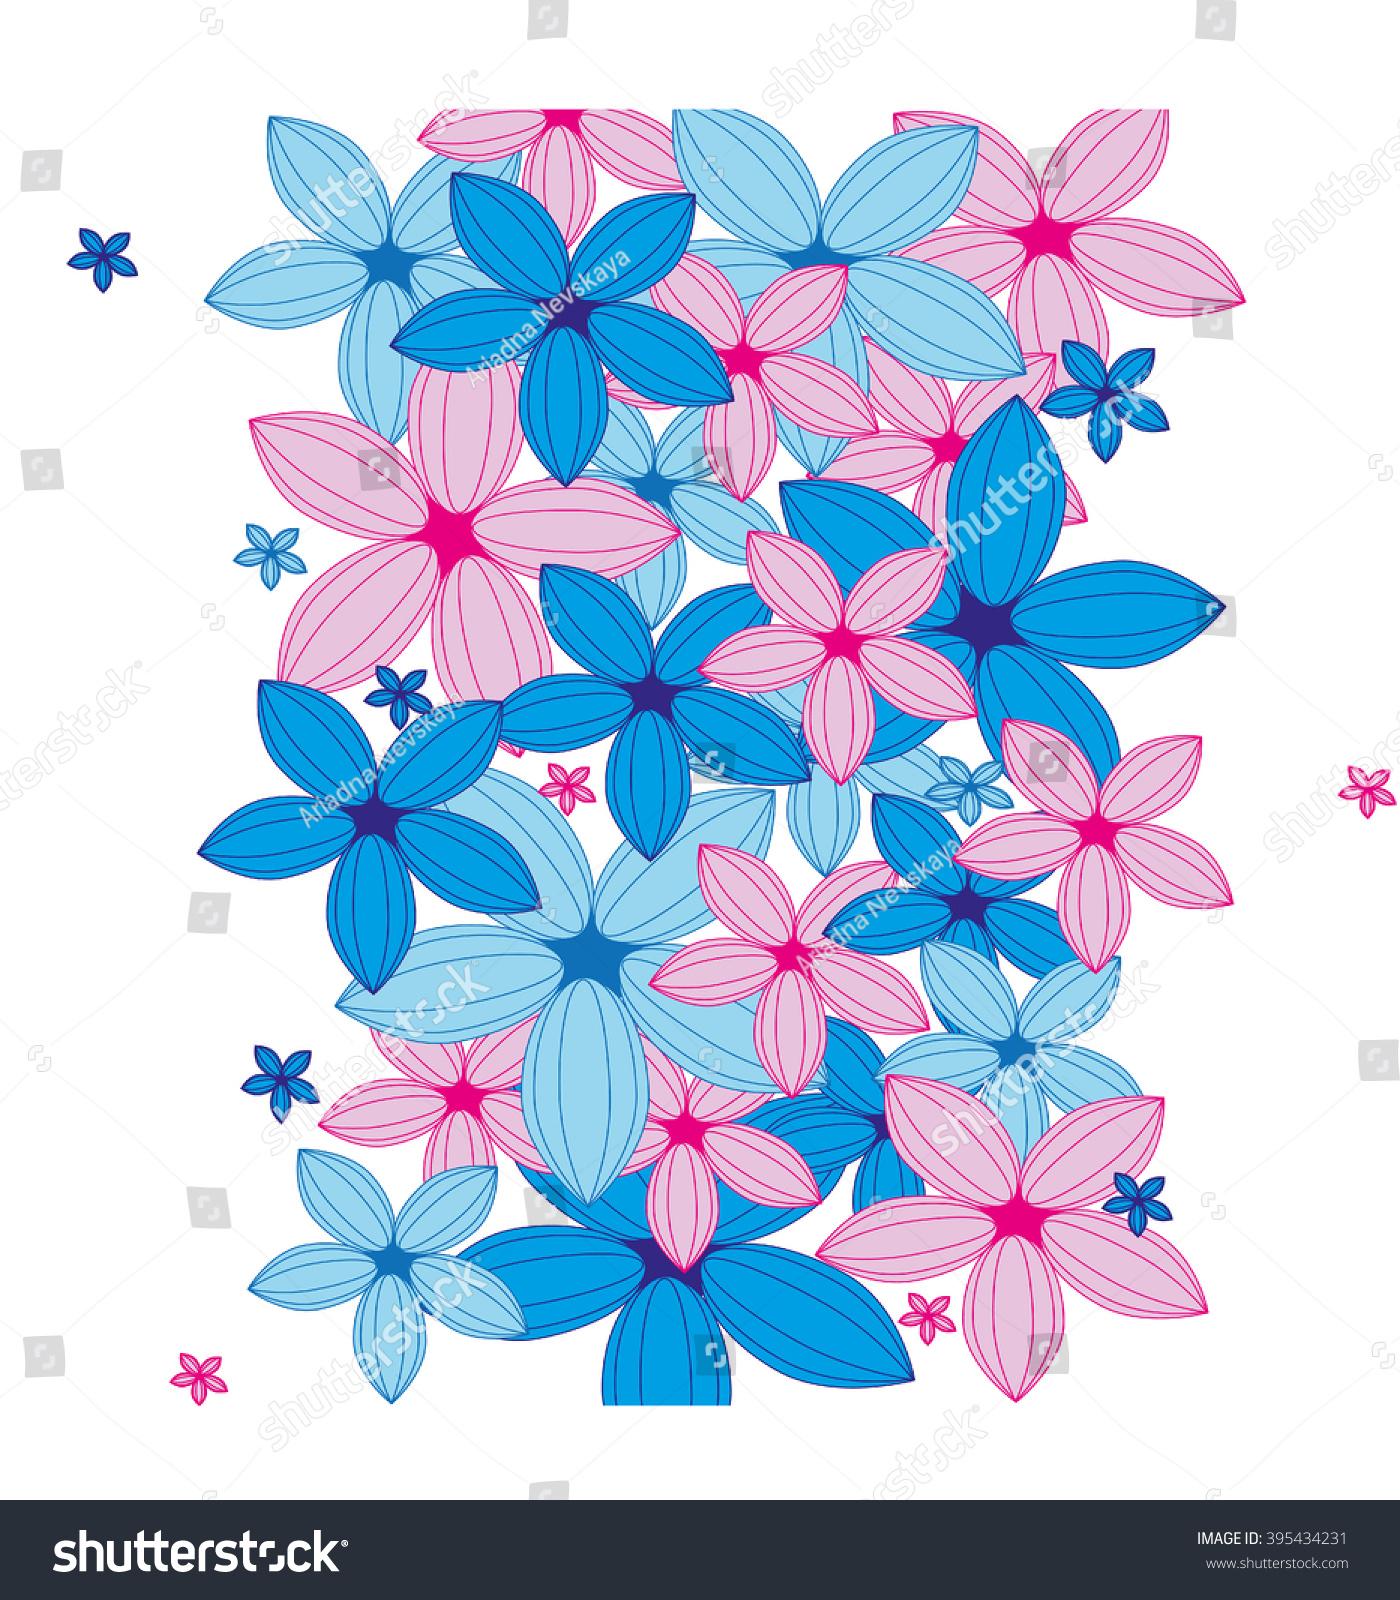 Hawaiian flowers pink flowers blue flowers stock vector 395434231 hawaiian flowers pink flowers blue flowers stock vector 395434231 shutterstock mightylinksfo